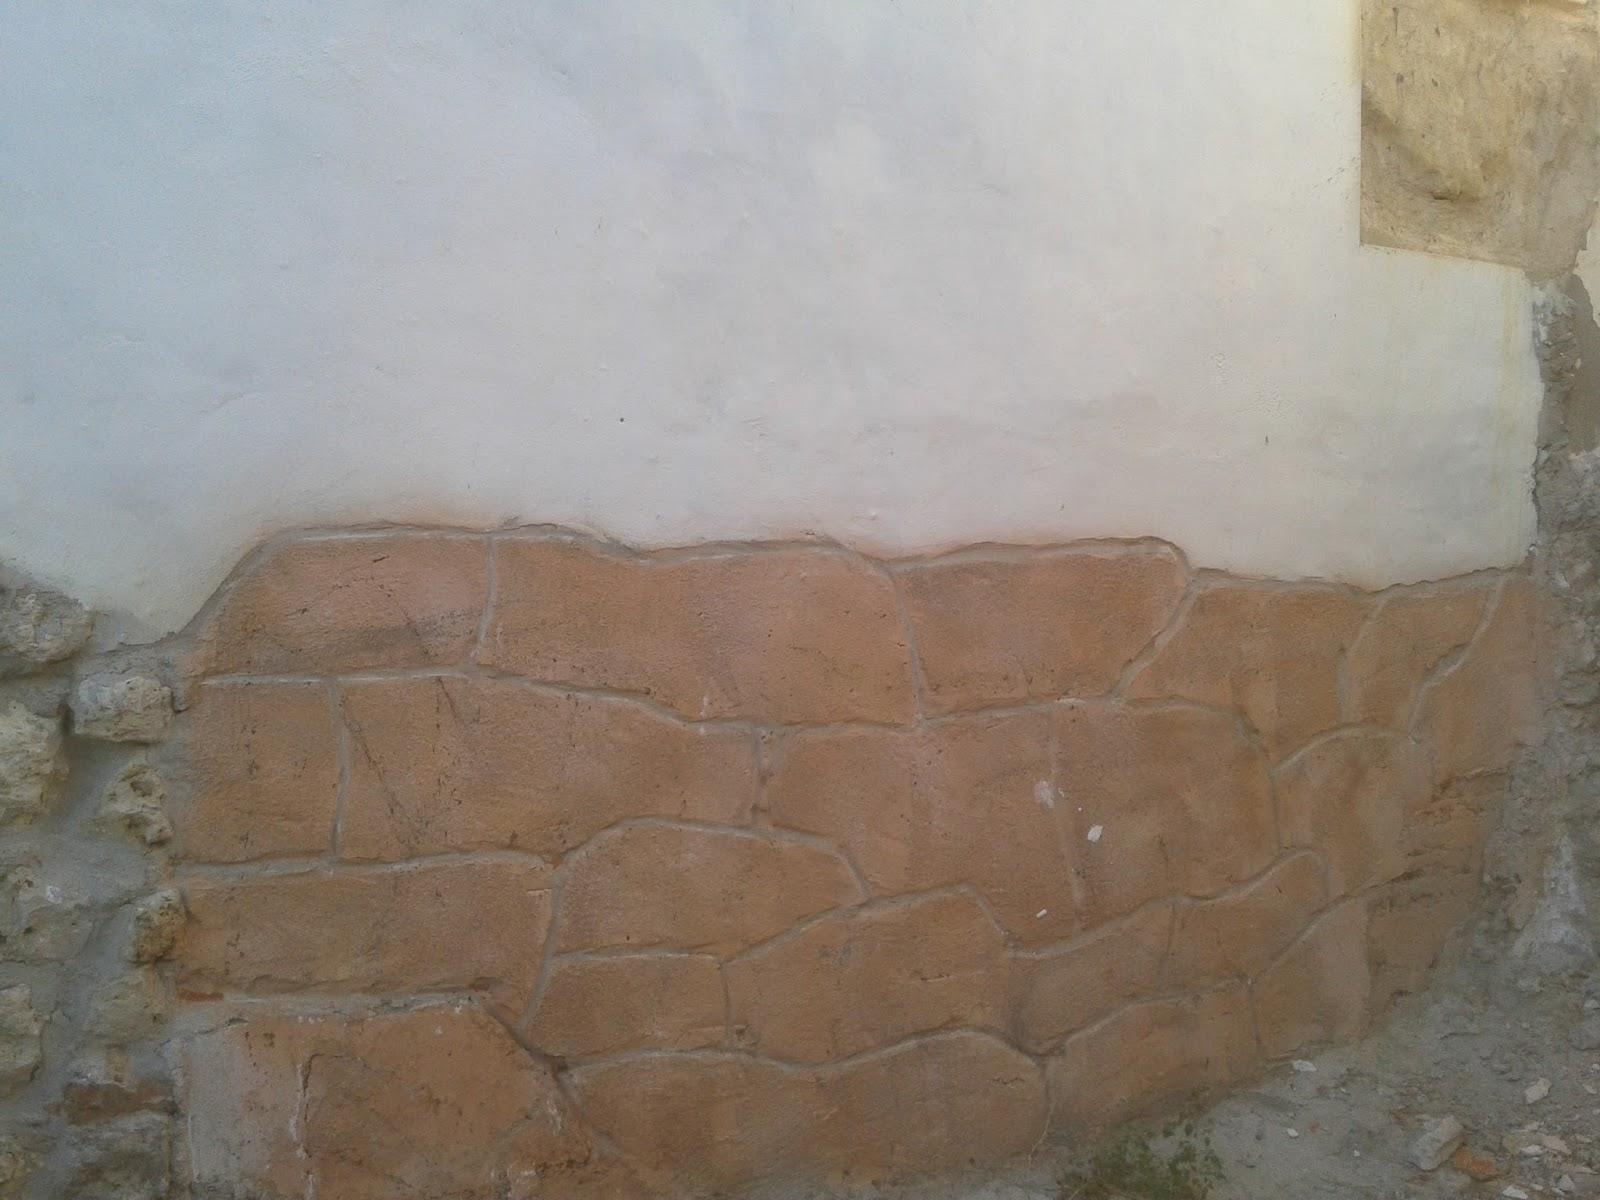 Reparaciones muy economicas para tu hogar - Imitacion piedra pared ...